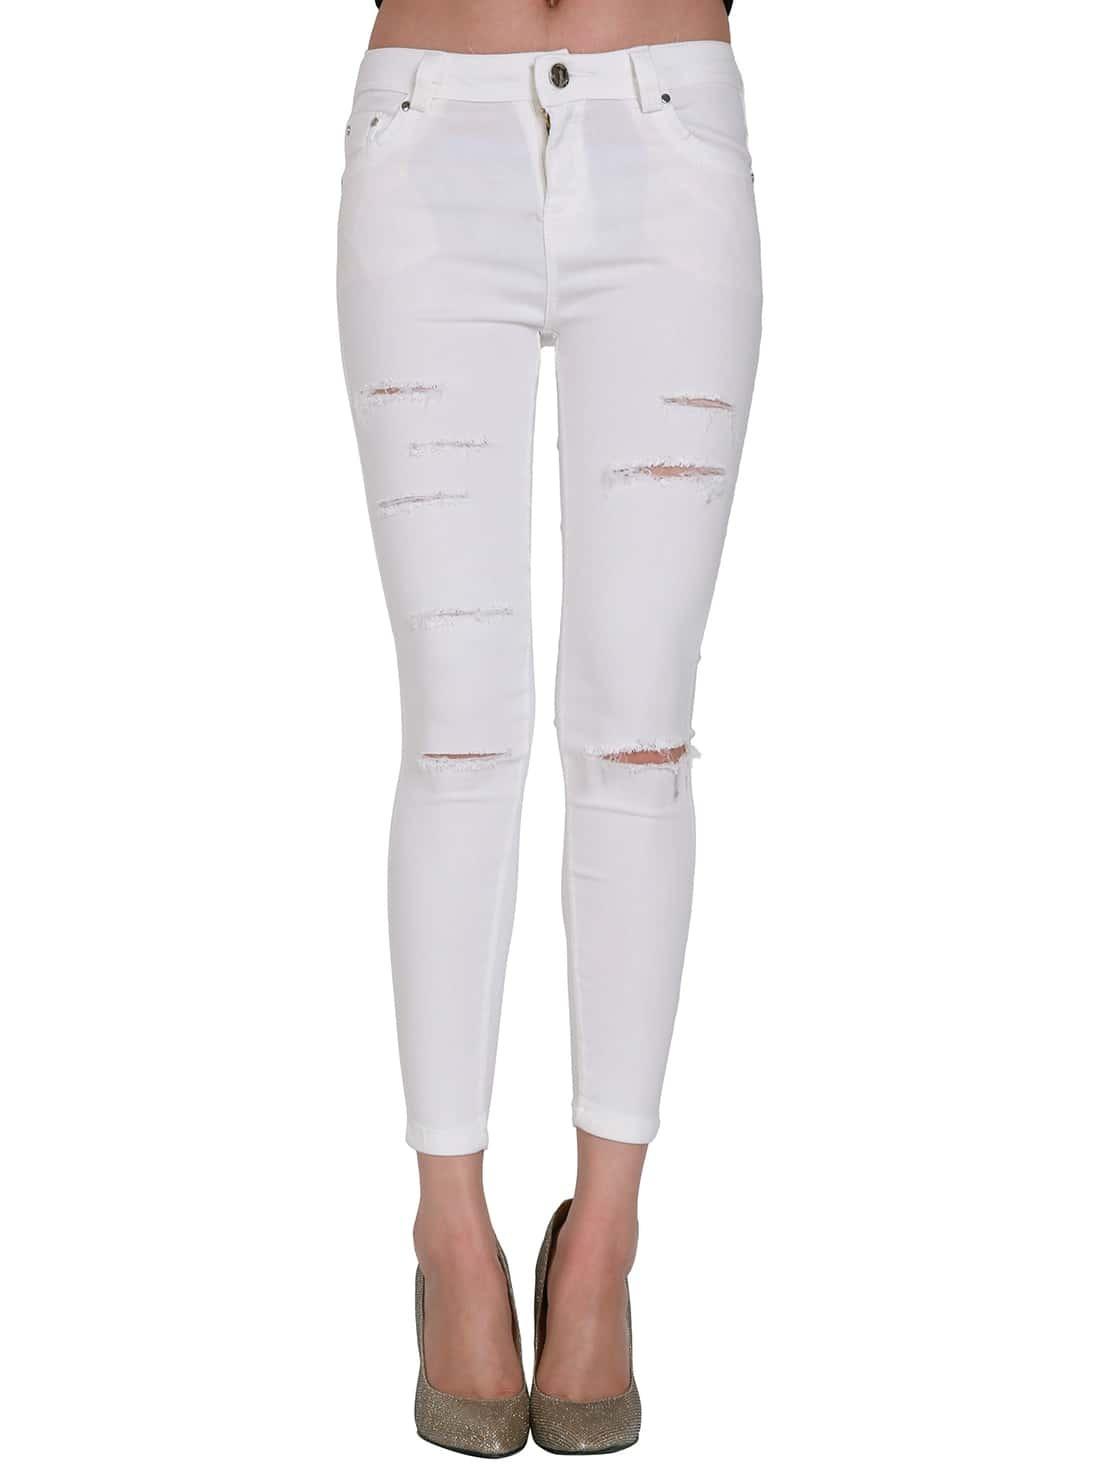 Вобтягивающих белых штанах фото 645-130